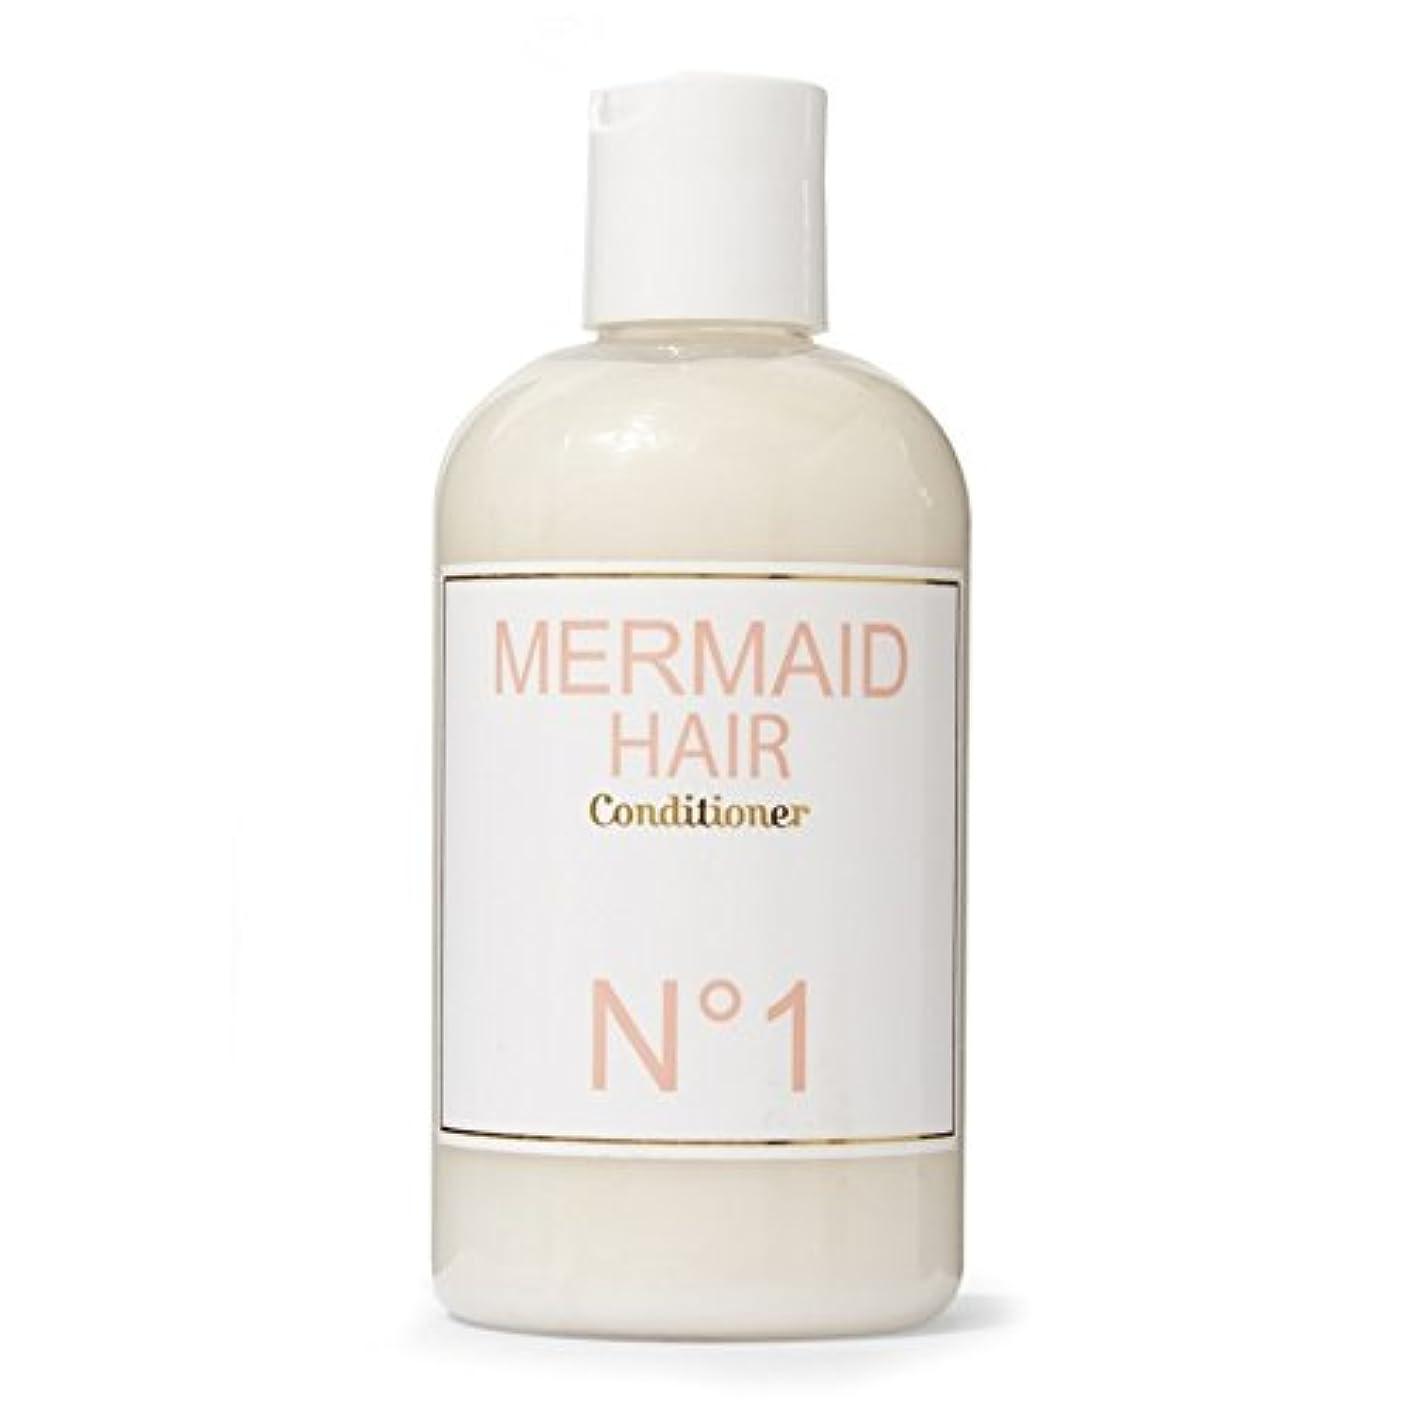 疑問に思う口述むしろMermaid Perfume Mermaid Conditioner 300ml - 人魚香水人魚コンディショナー300ミリリットル [並行輸入品]